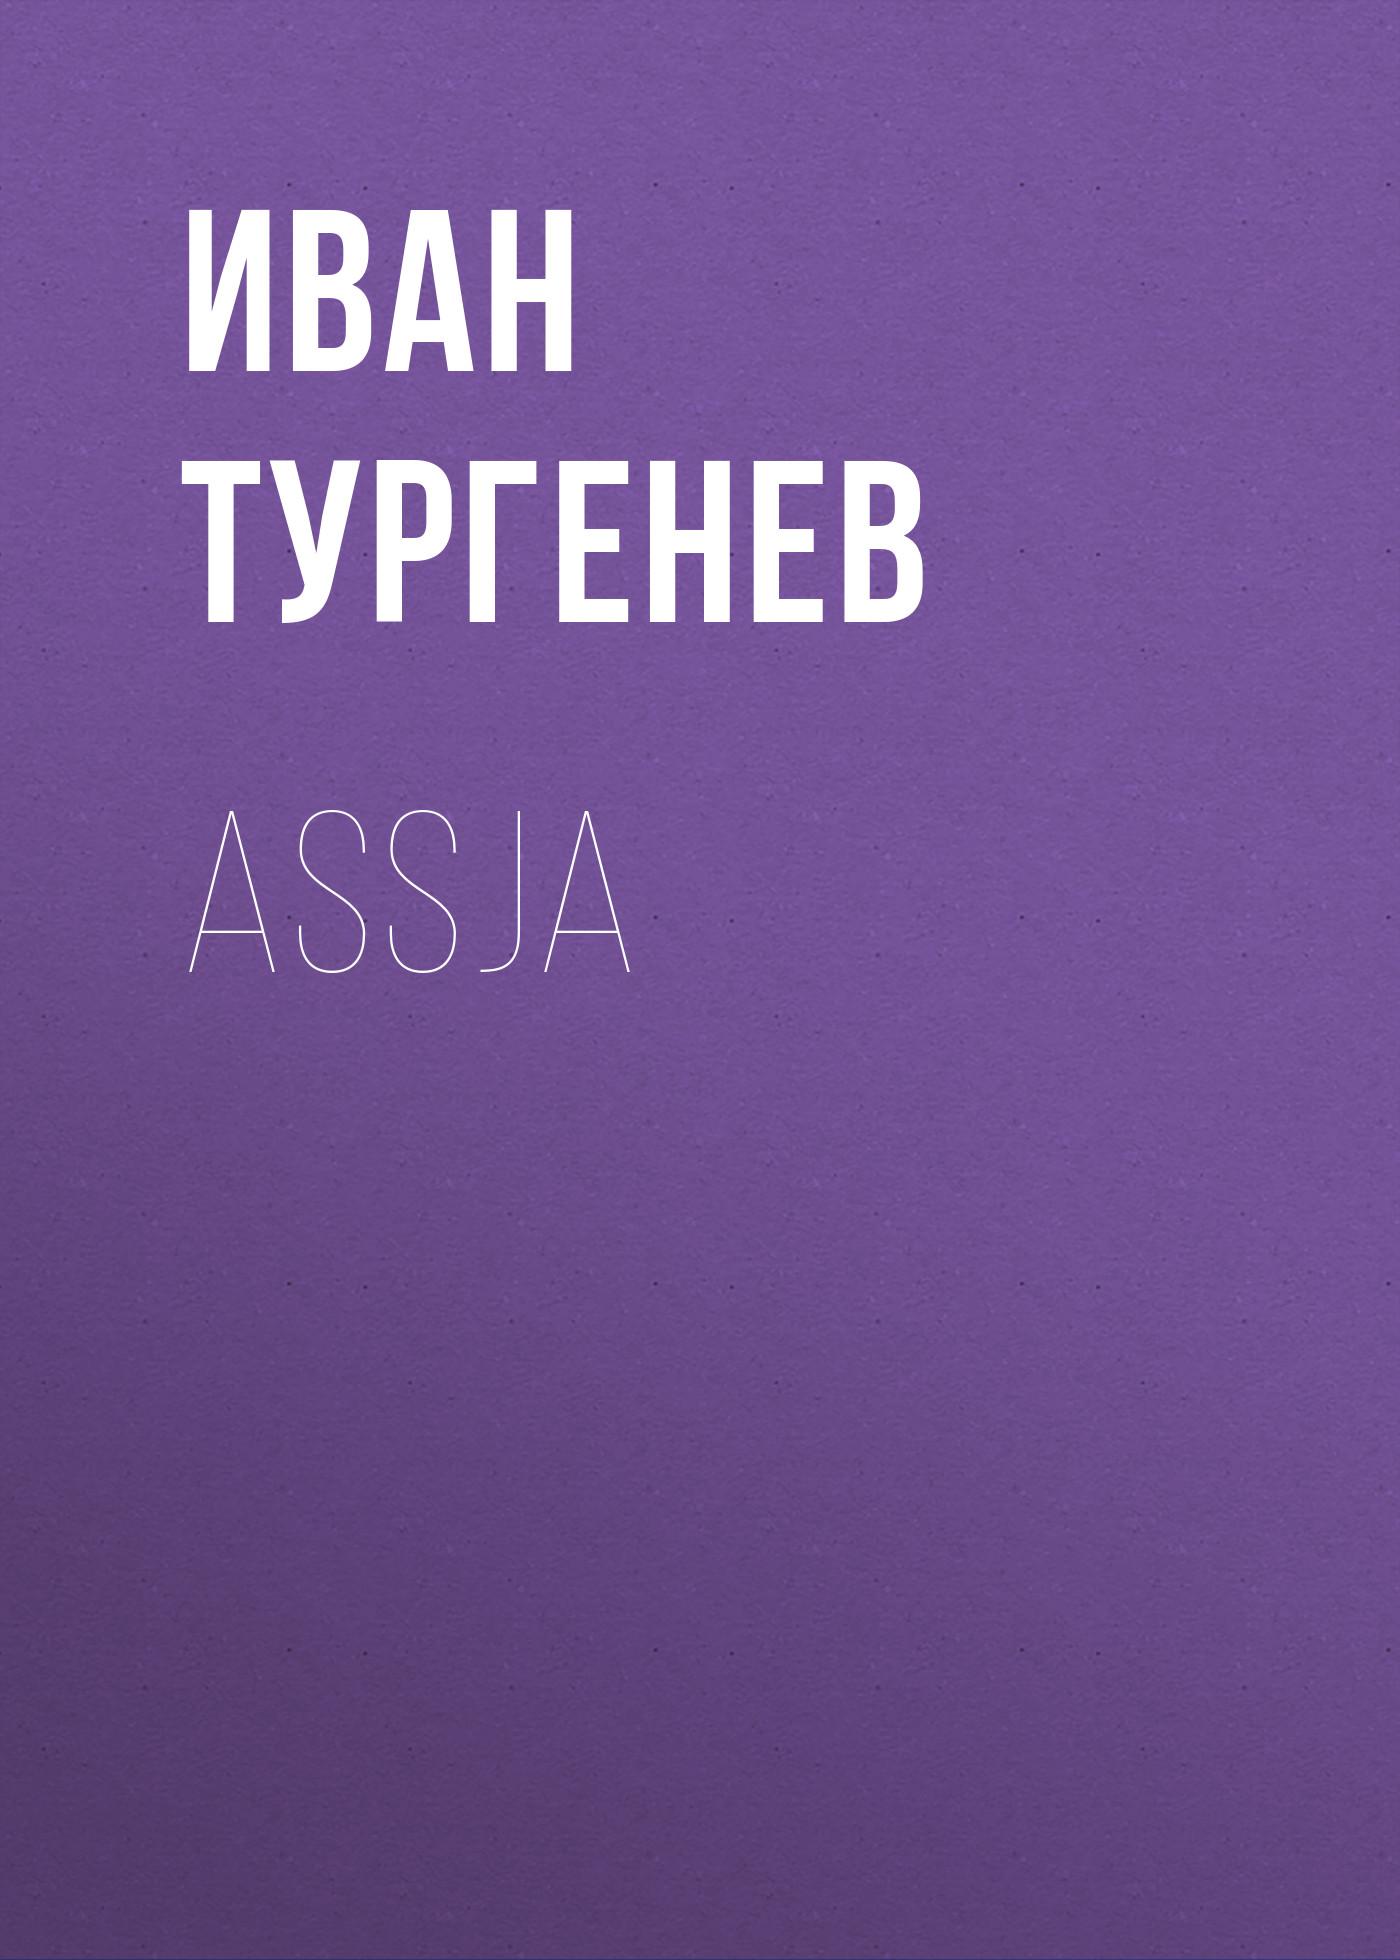 assja